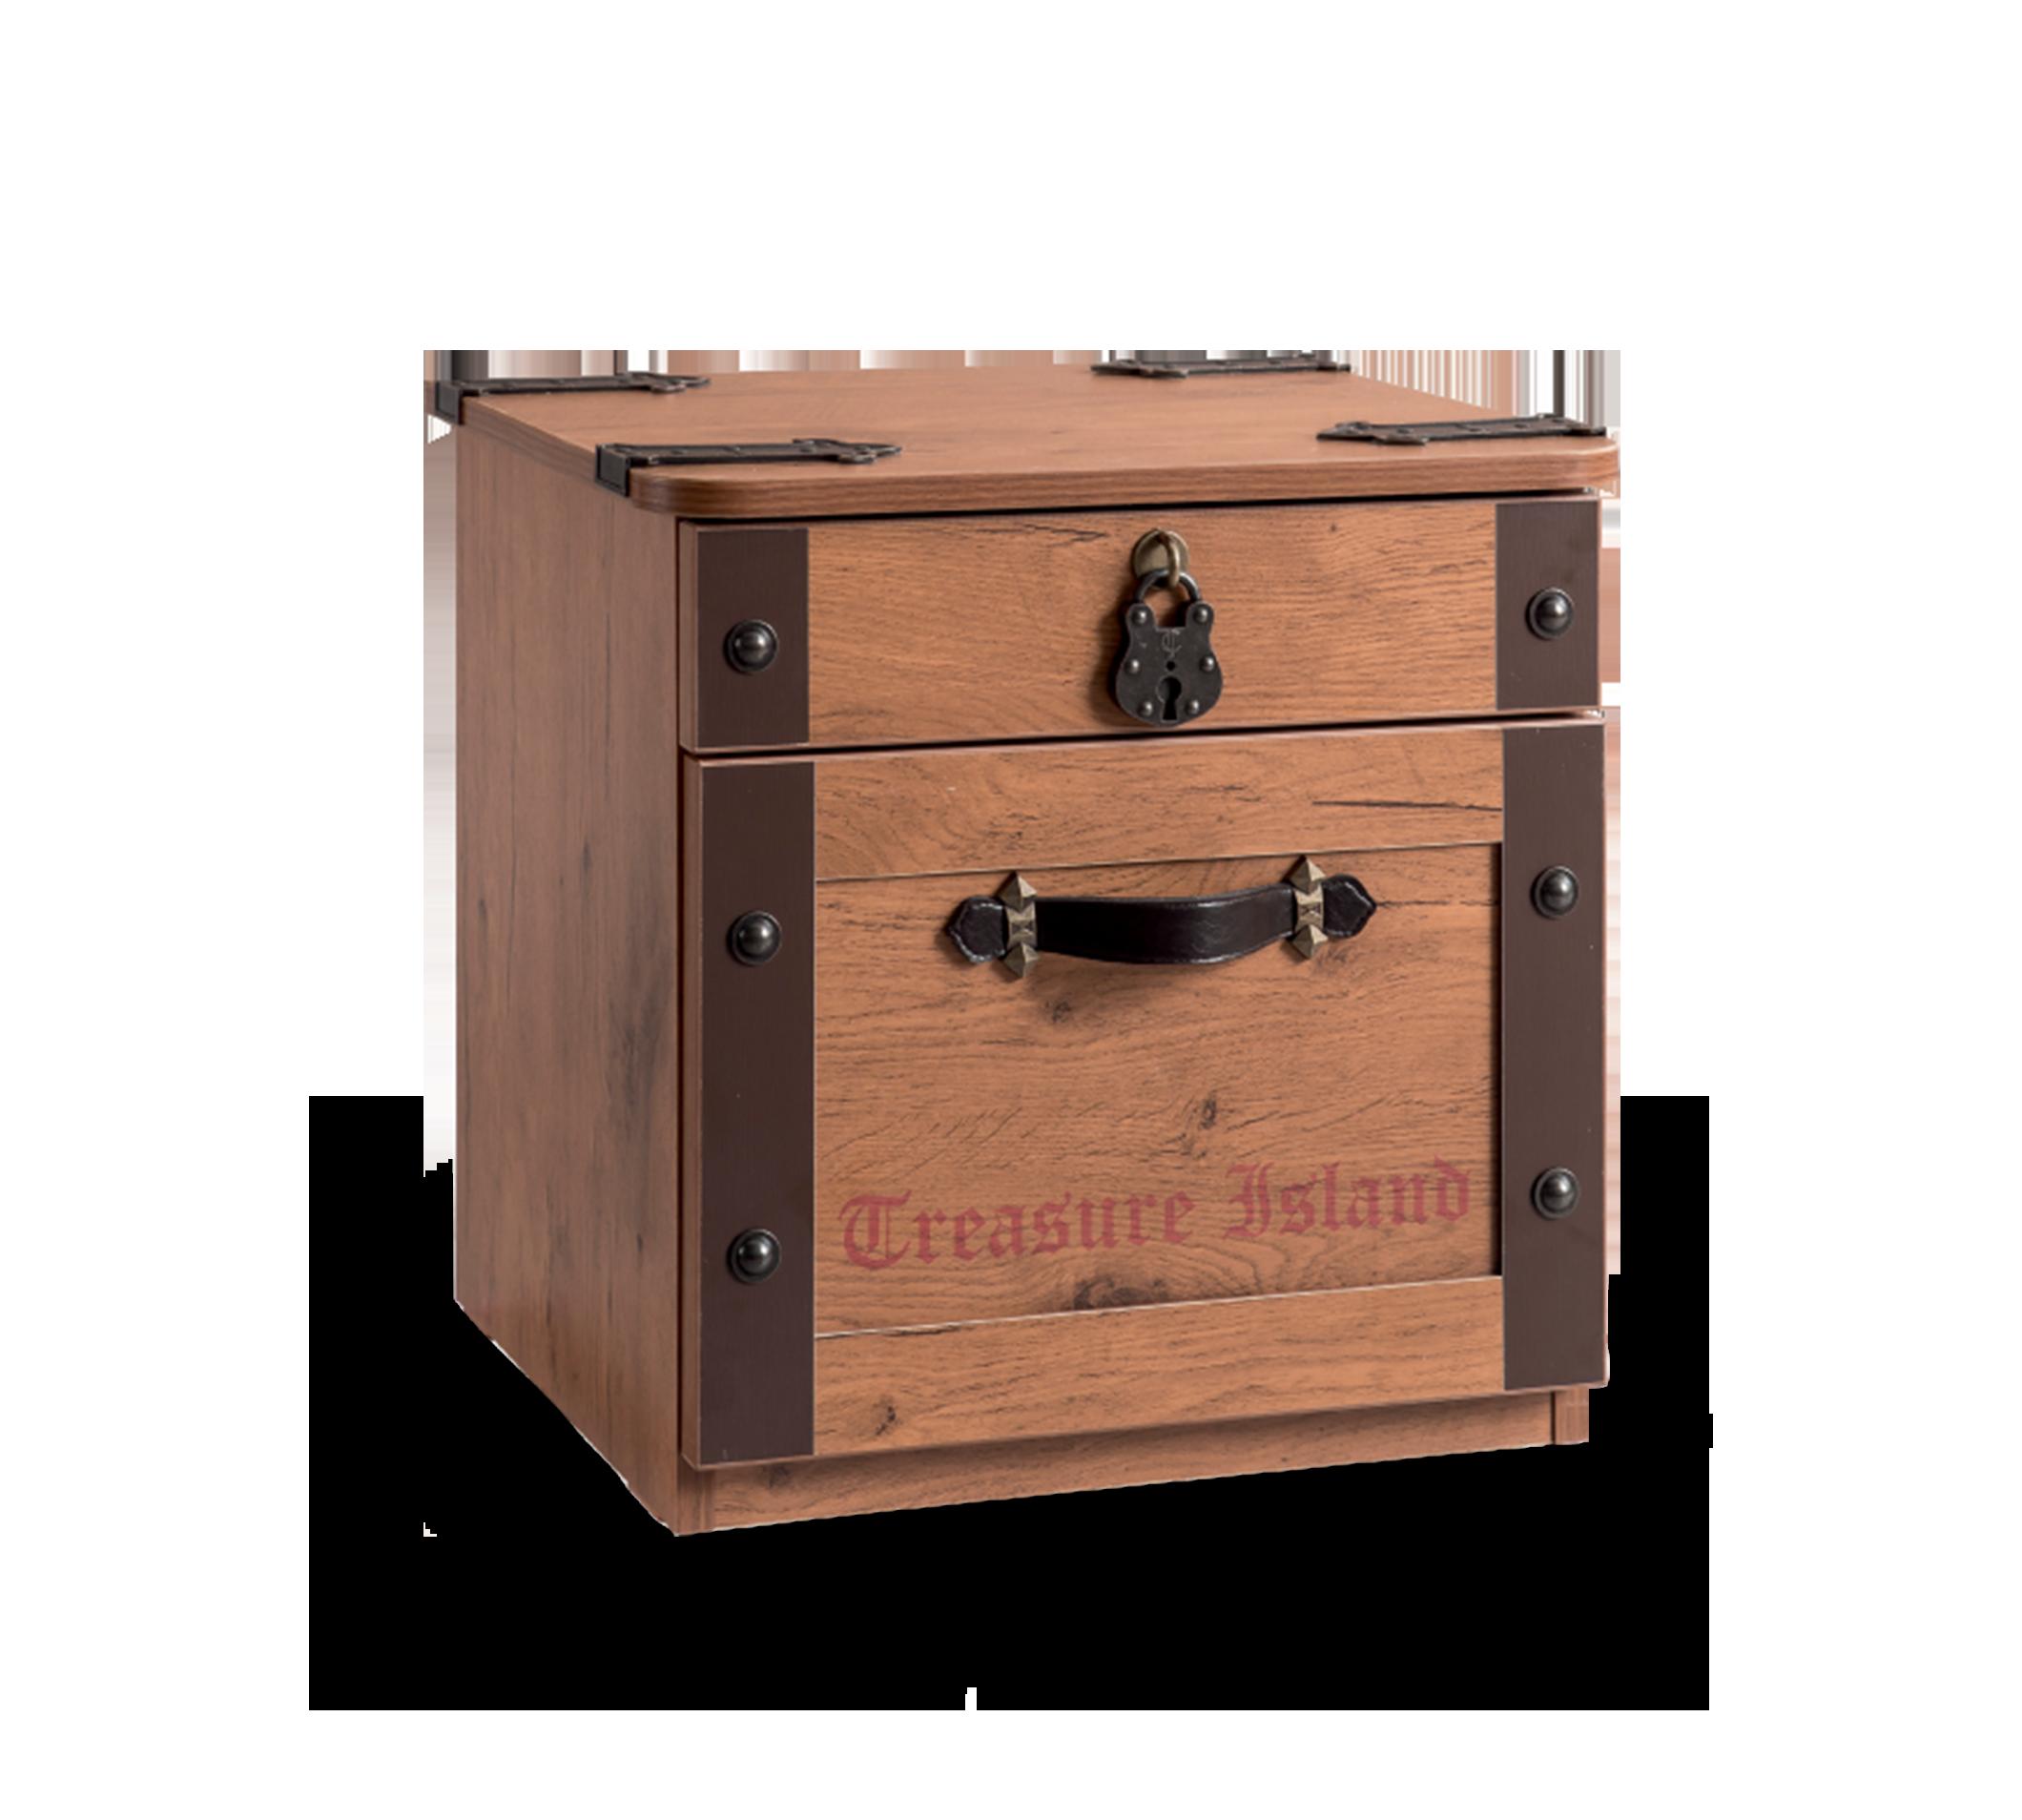 Pirate Zimmer-Set - Abenteuerlich cooles Piratenzimmer